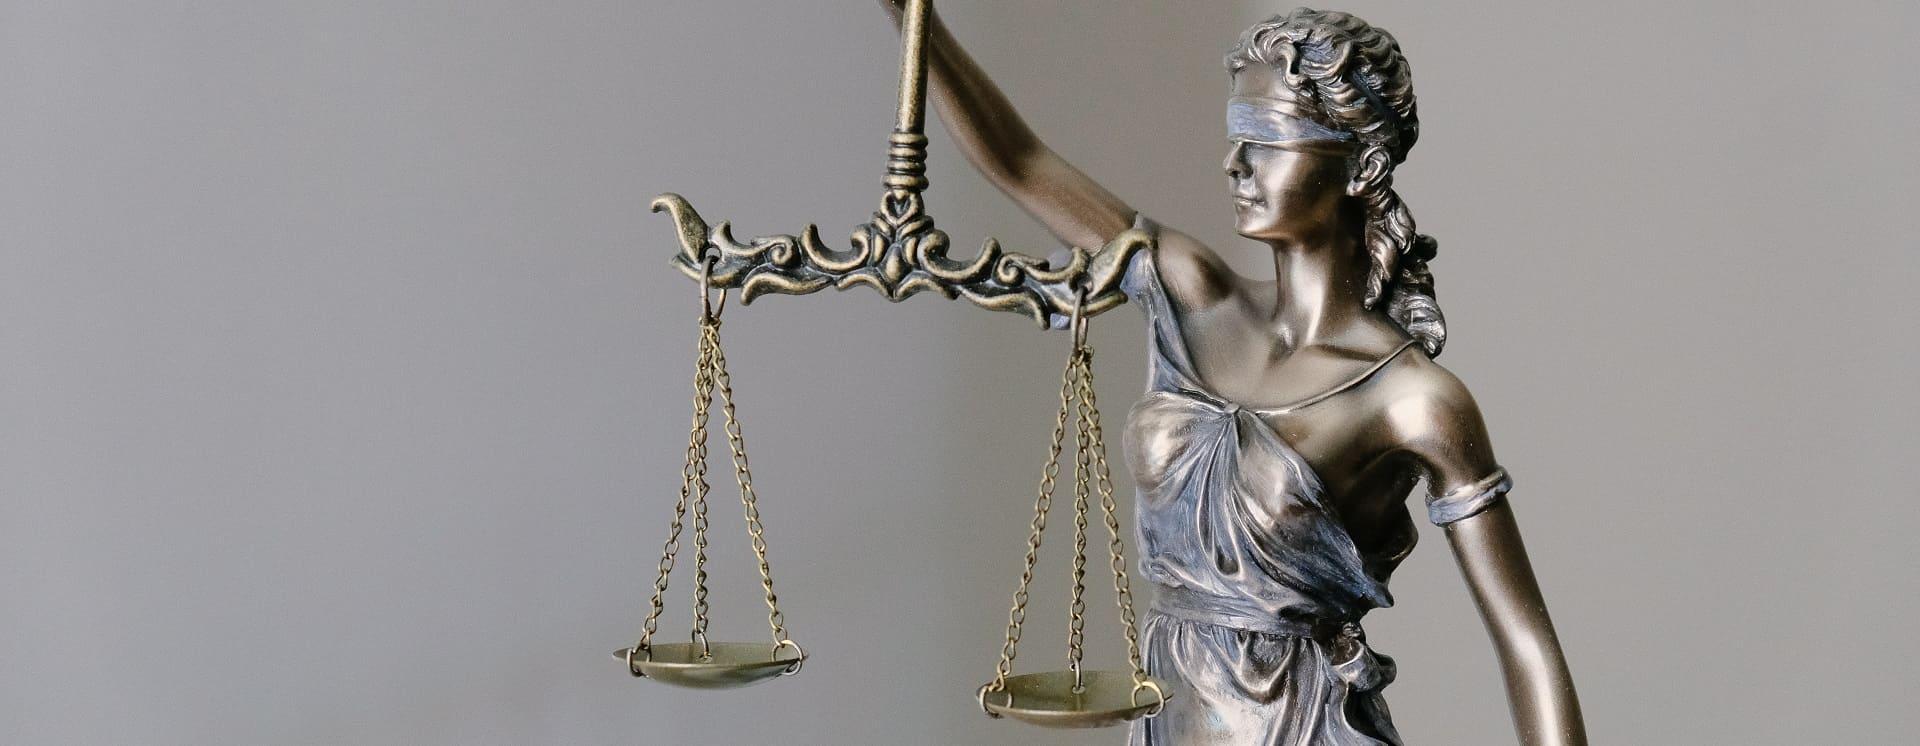 Abmahnung Arbeitsrecht München - Fachanwalt Helen Althoff